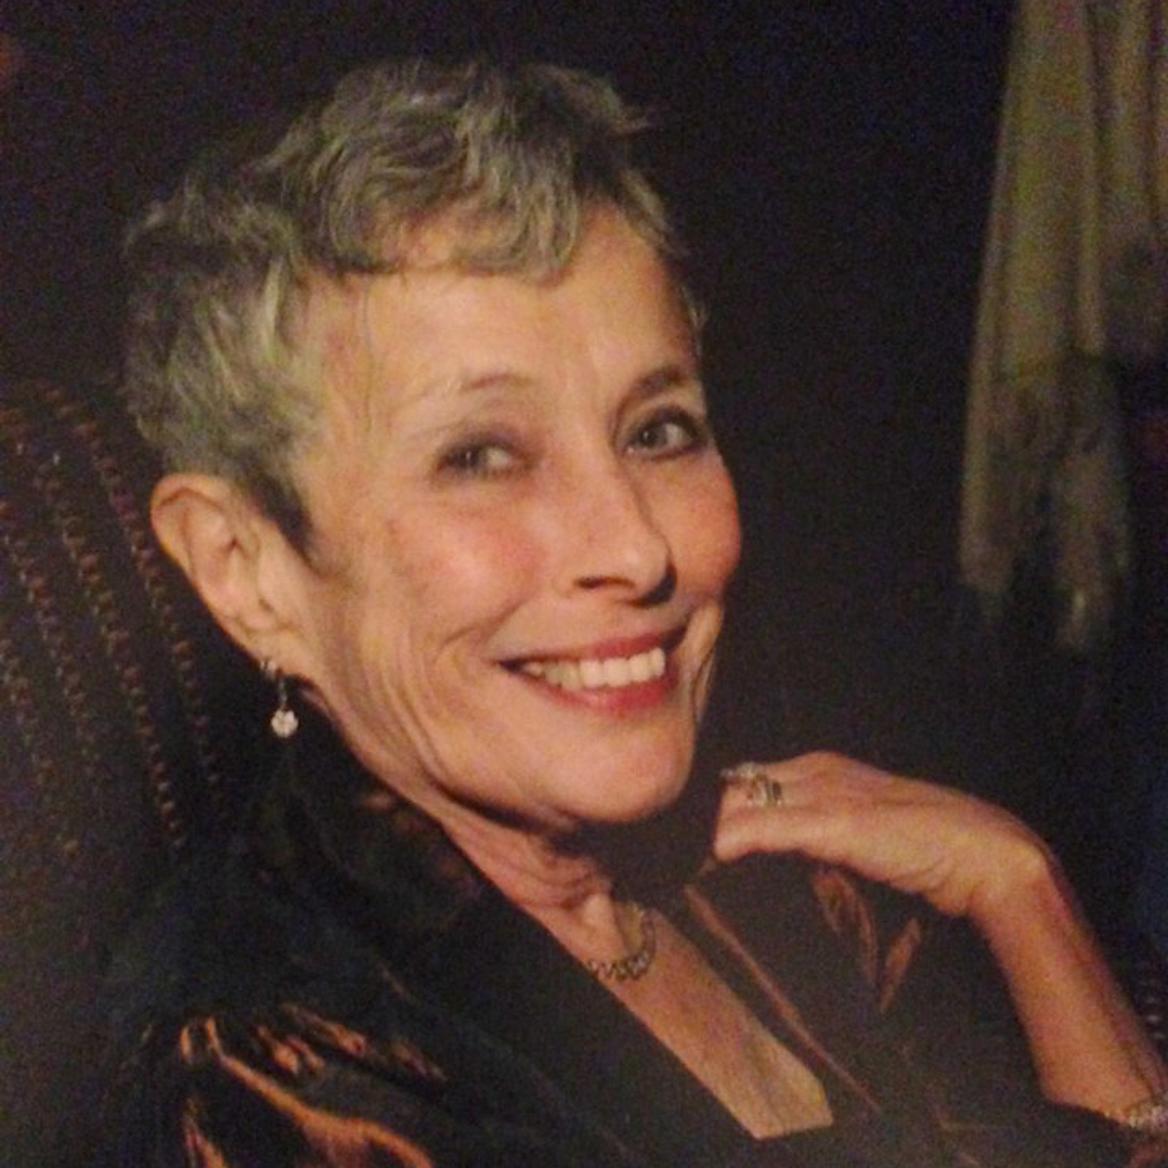 Norma Shagrin